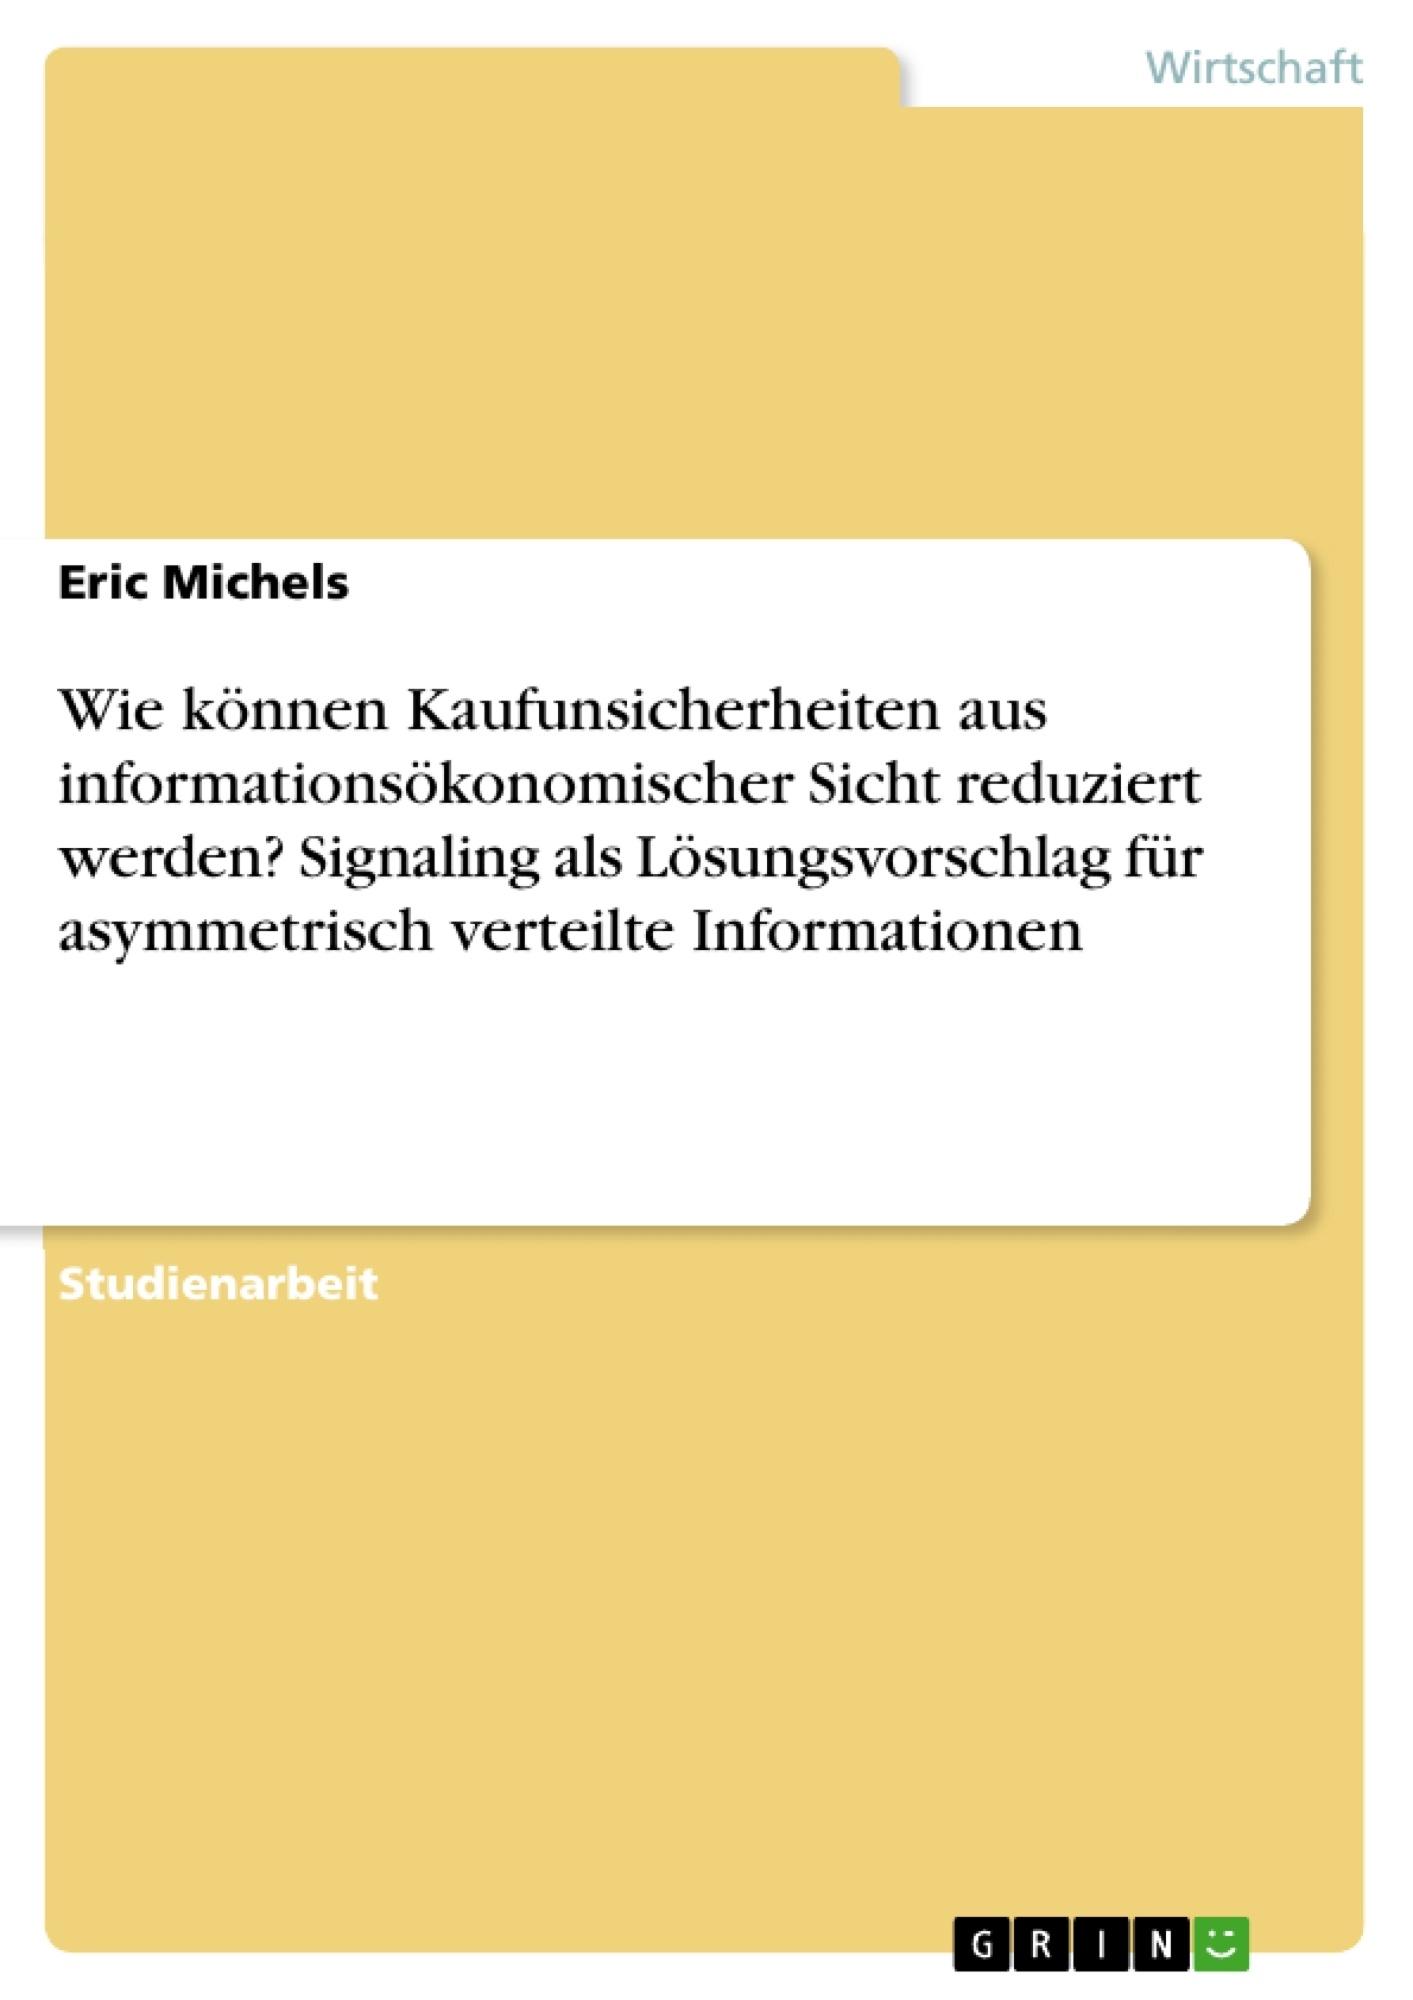 Titel: Wie können Kaufunsicherheiten aus informationsökonomischer Sicht reduziert werden? Signaling als Lösungsvorschlag für asymmetrisch verteilte Informationen